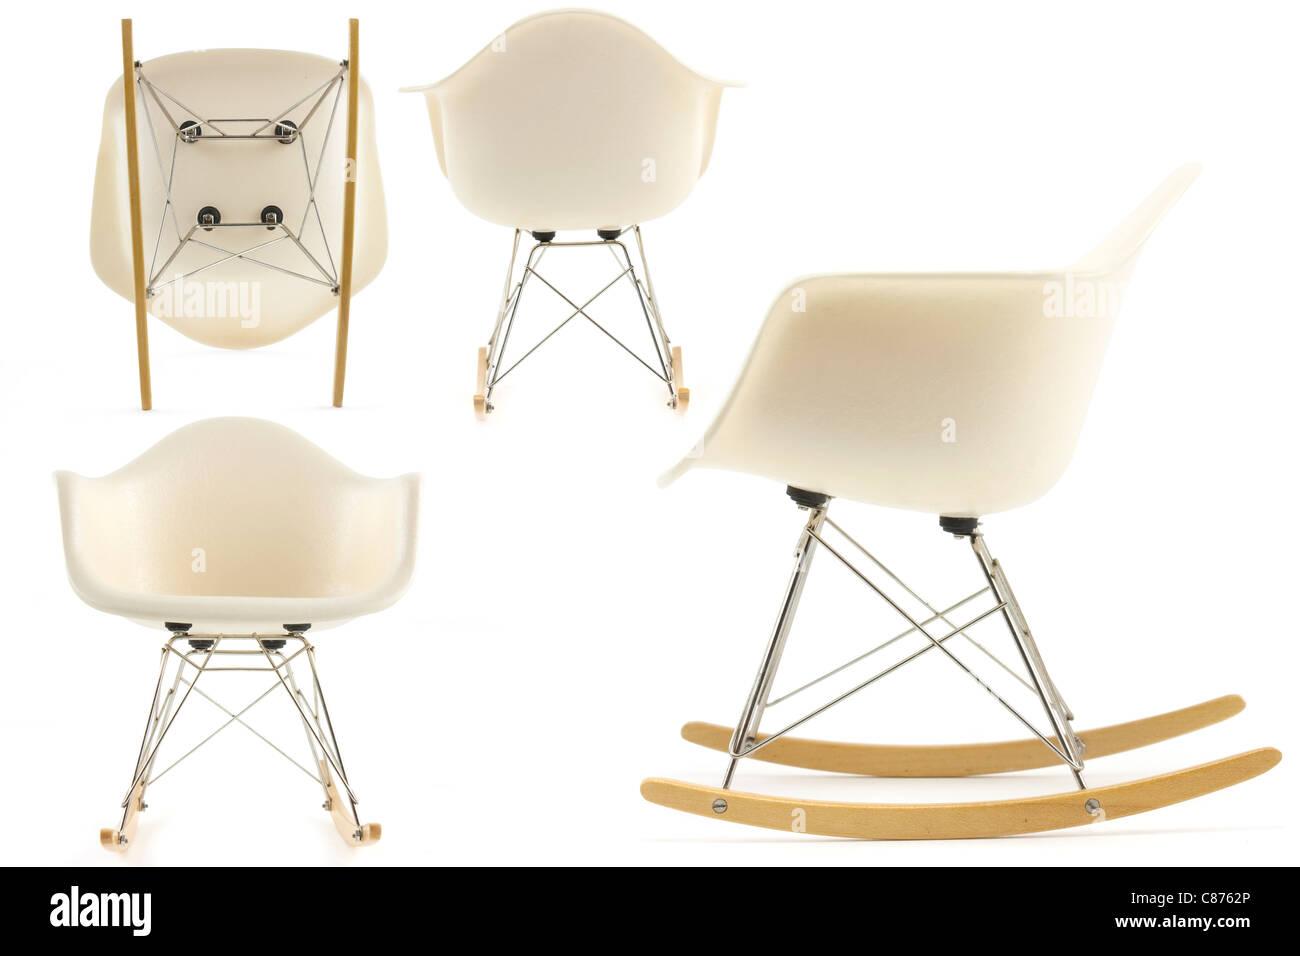 Modernes Design Klassiker Eames Schaukelstuhl Setzen Auf Weissem